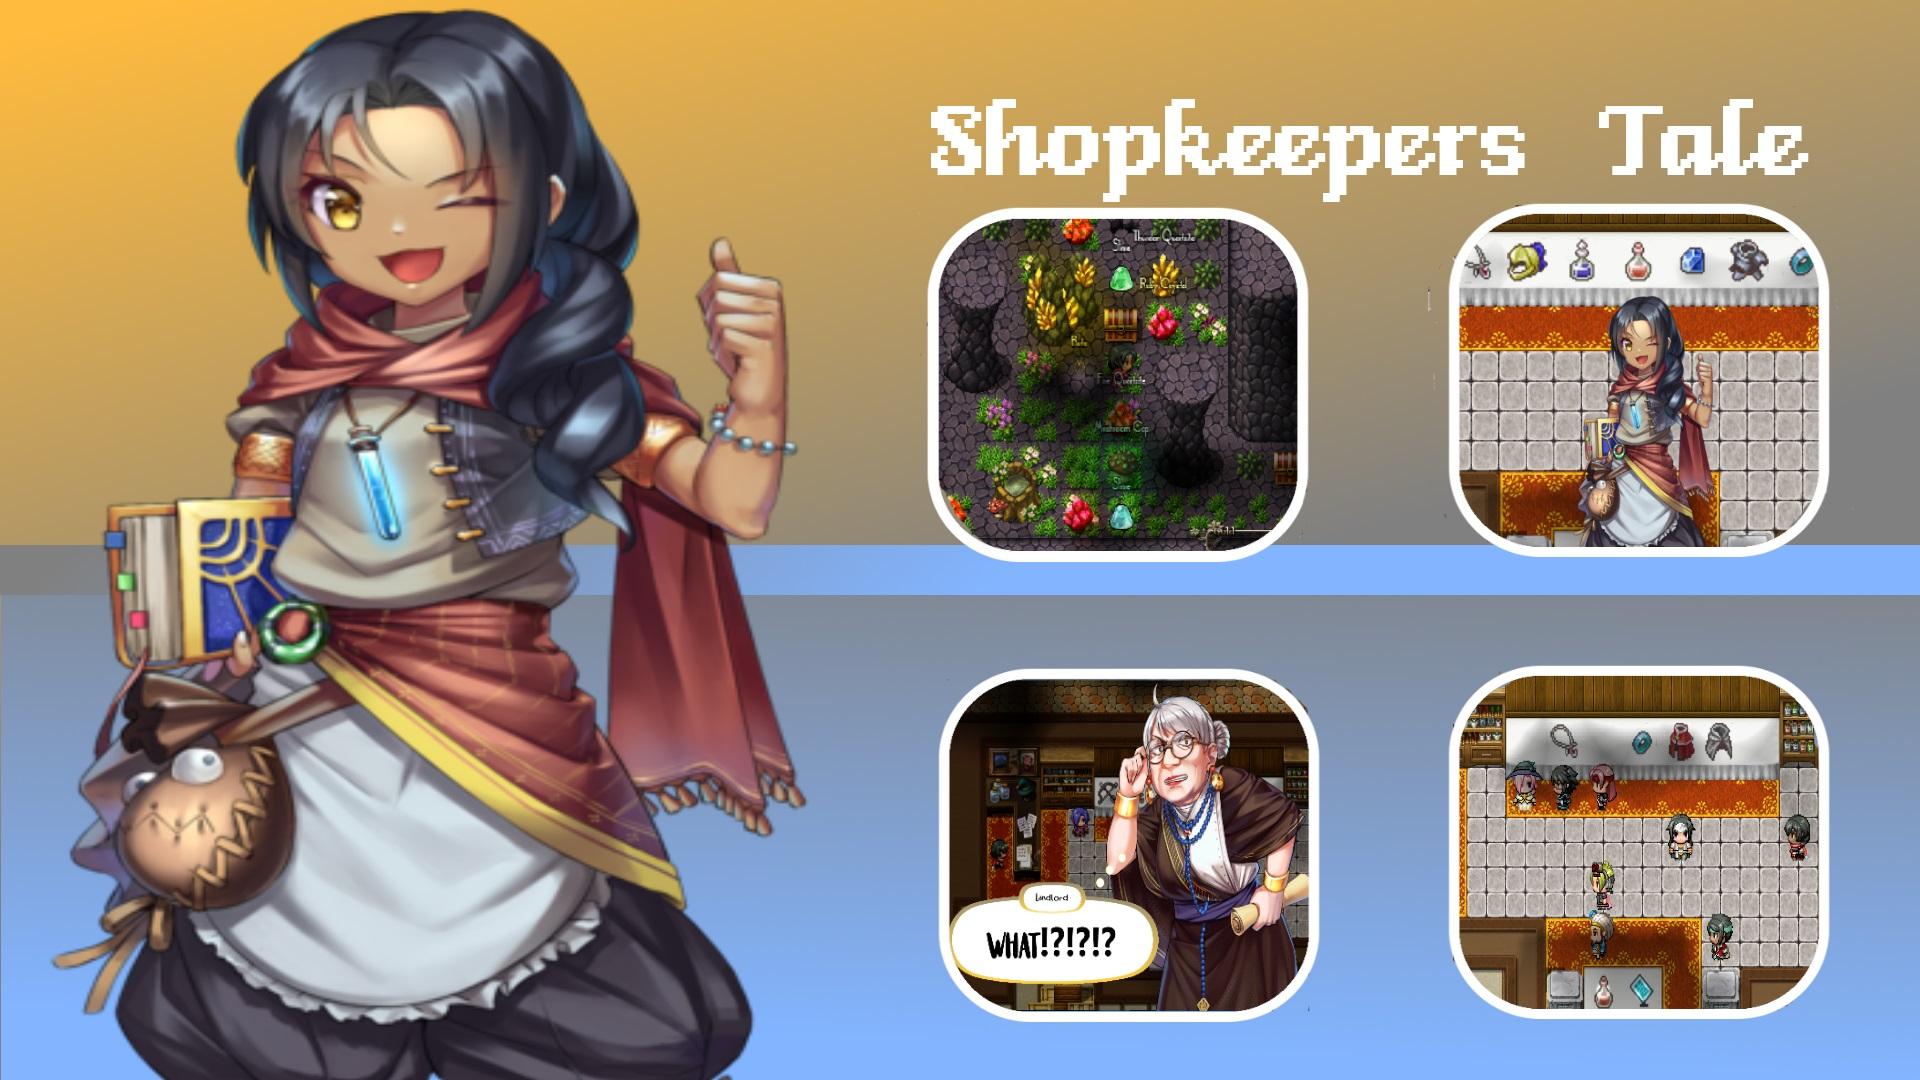 A Shopkeeper's Tale